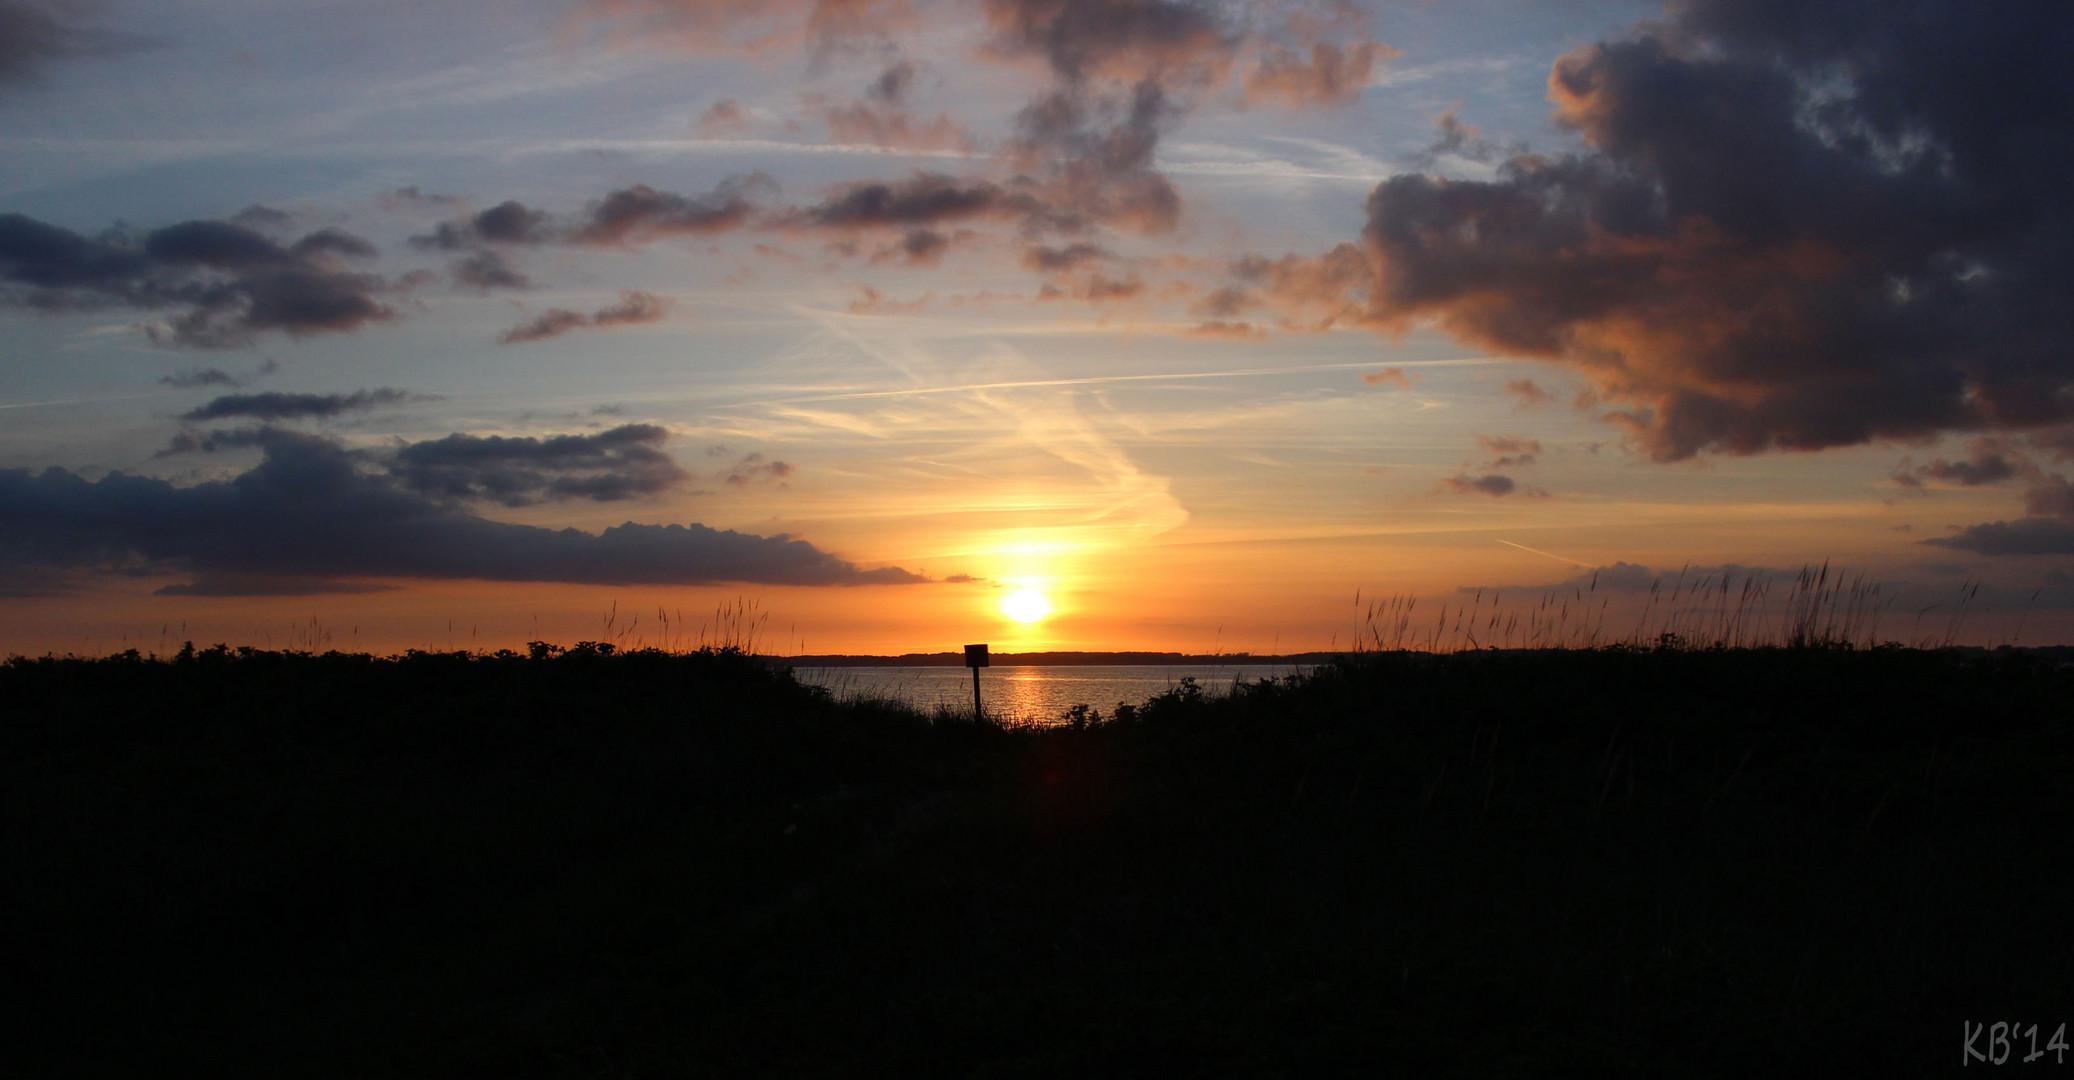 Sonnenuntergang in Noer bei Kiel